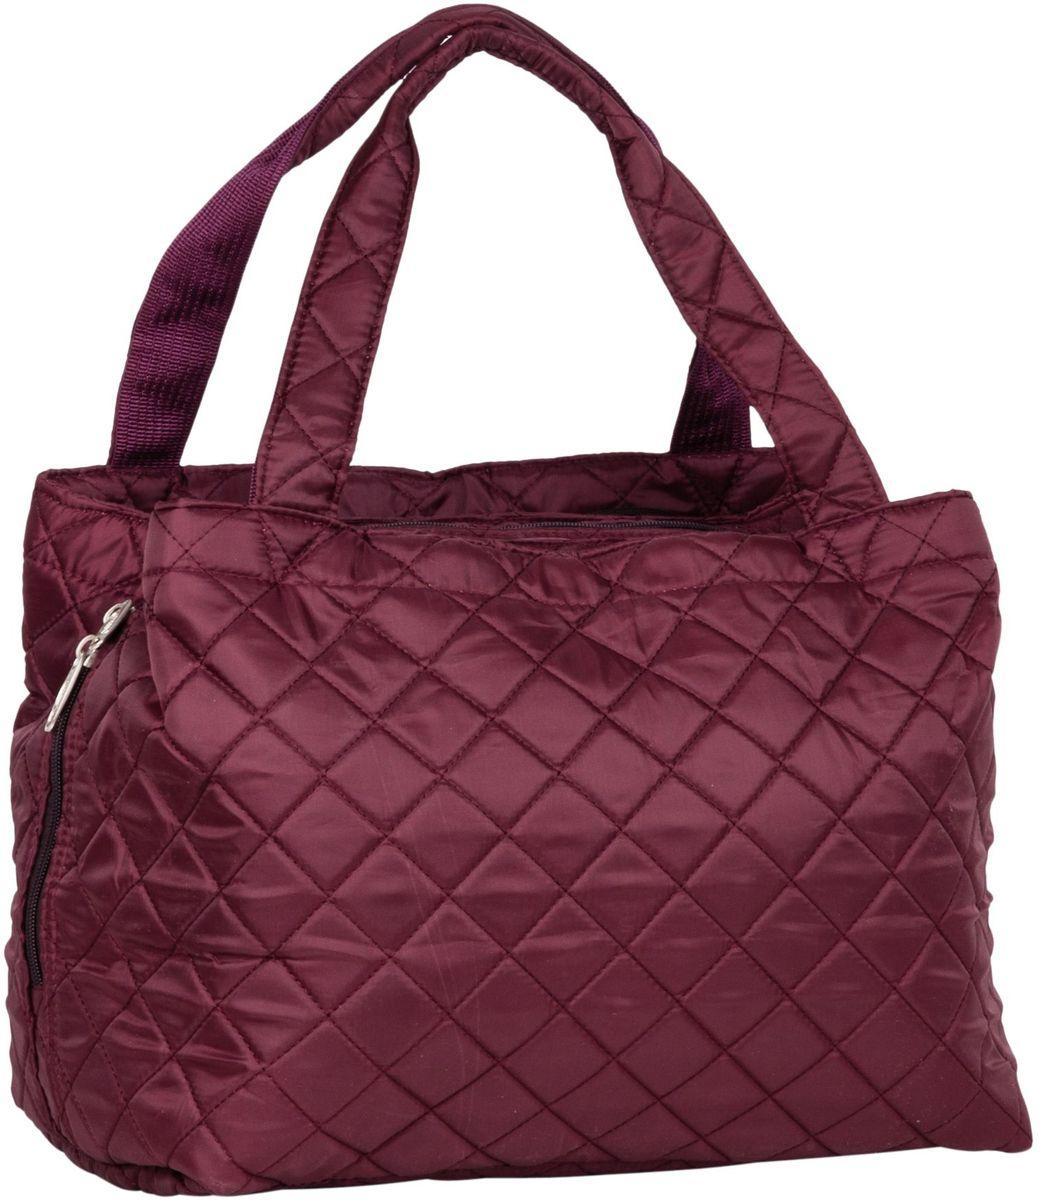 Сумка дорожная Polar Римини, цвет: бордовый, 25 л. П7077 сумка дорожная polar цвет коричневый 34 л 7015 5